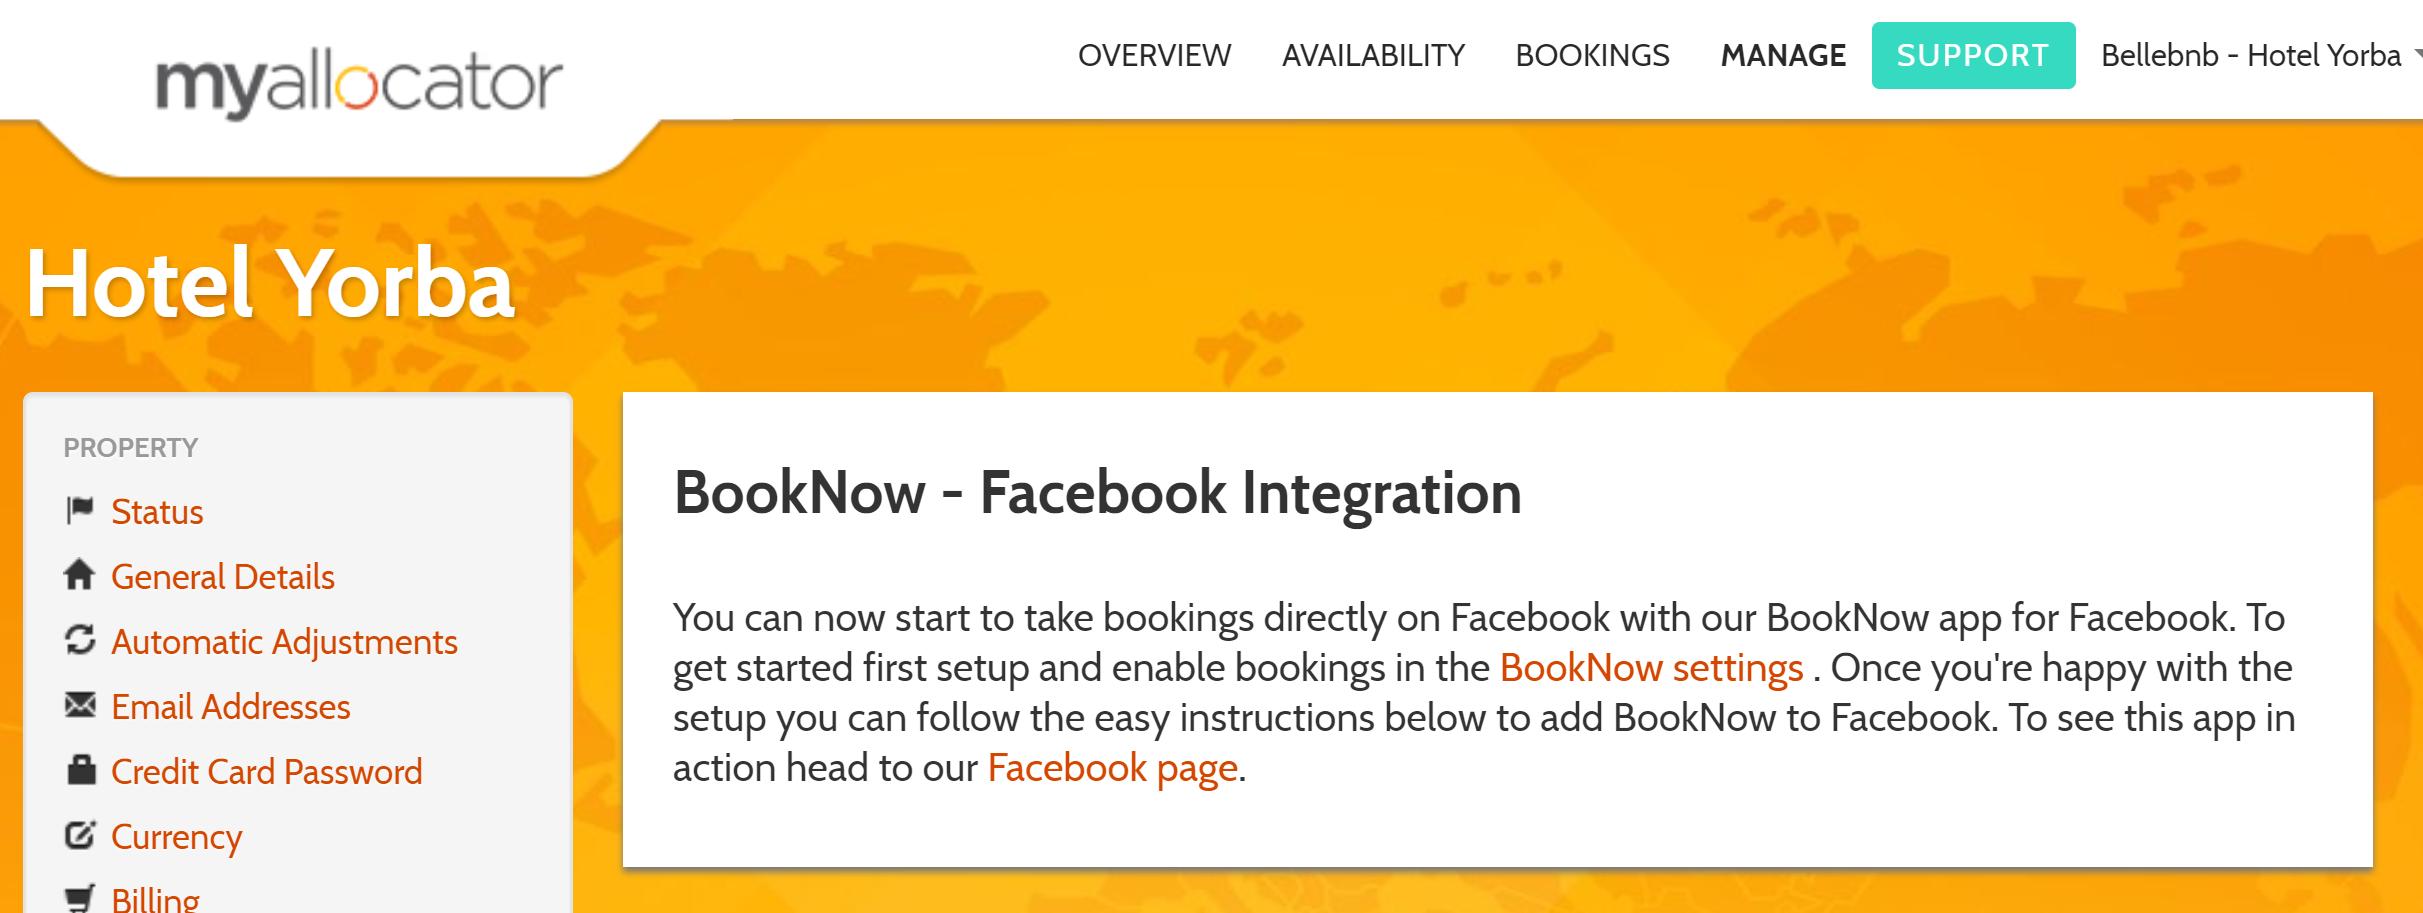 Facebook-Integration Sie können Reservierungen direkt von der Facebook-Seite Ihres Hotels aus annehmen, indem Sie eines der Einbettungs-Widgets verwenden, die über unseren Channel-Manager verfügbar sind. Das Hinzufügen eines Buchungs-Widgets kann in nur wenigen Schritten erfolgen, und alle Reservierungen, die über Ihre Facebook-Seite eingehen, sind provisionsfrei